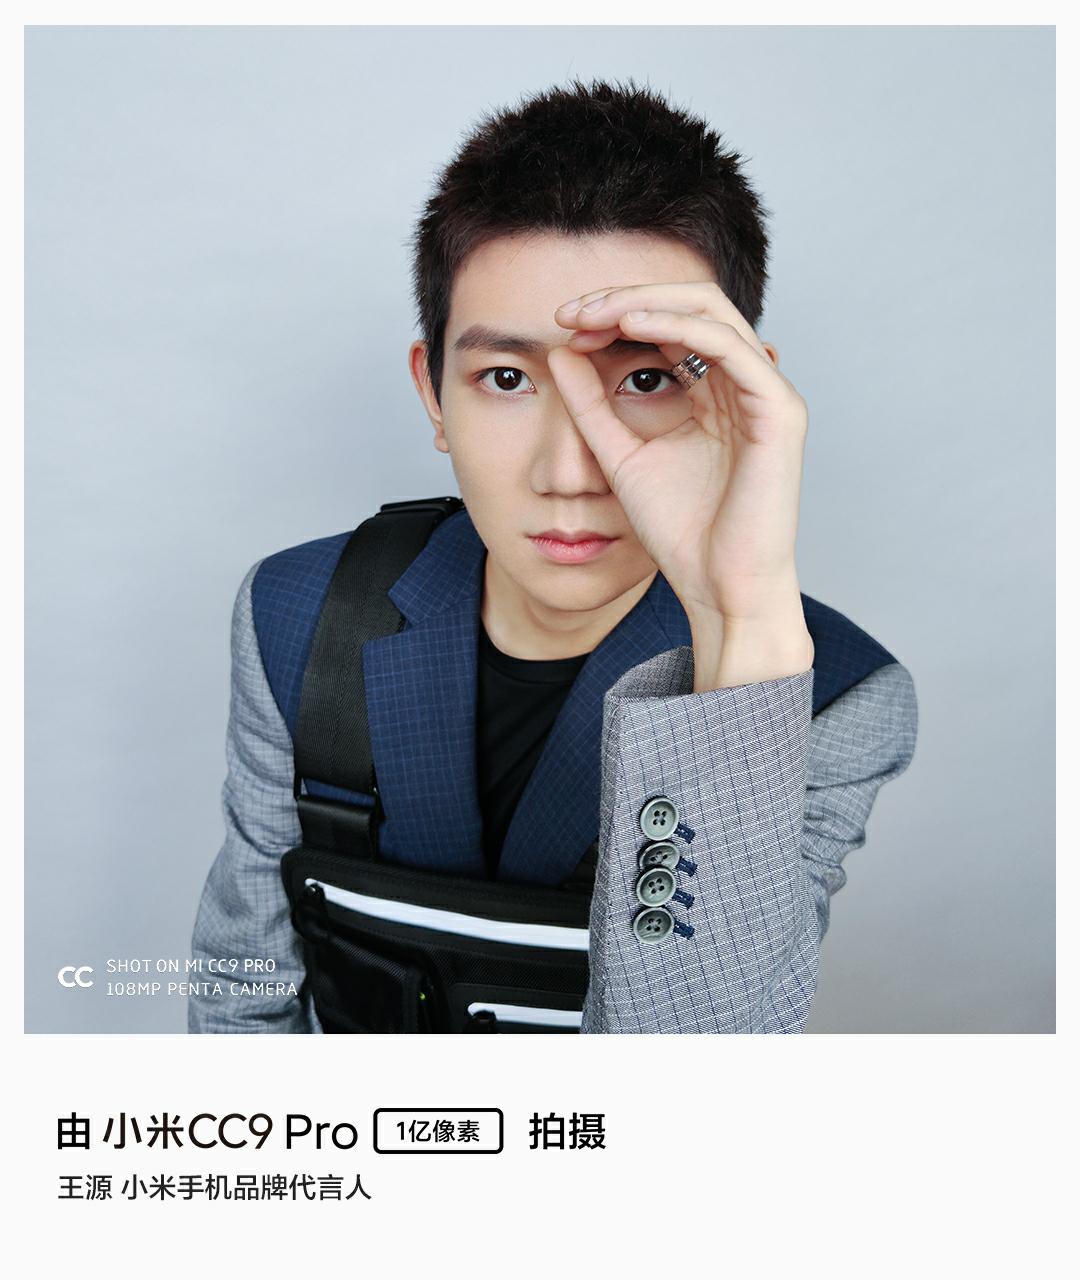 شیائومی CC9 Pro